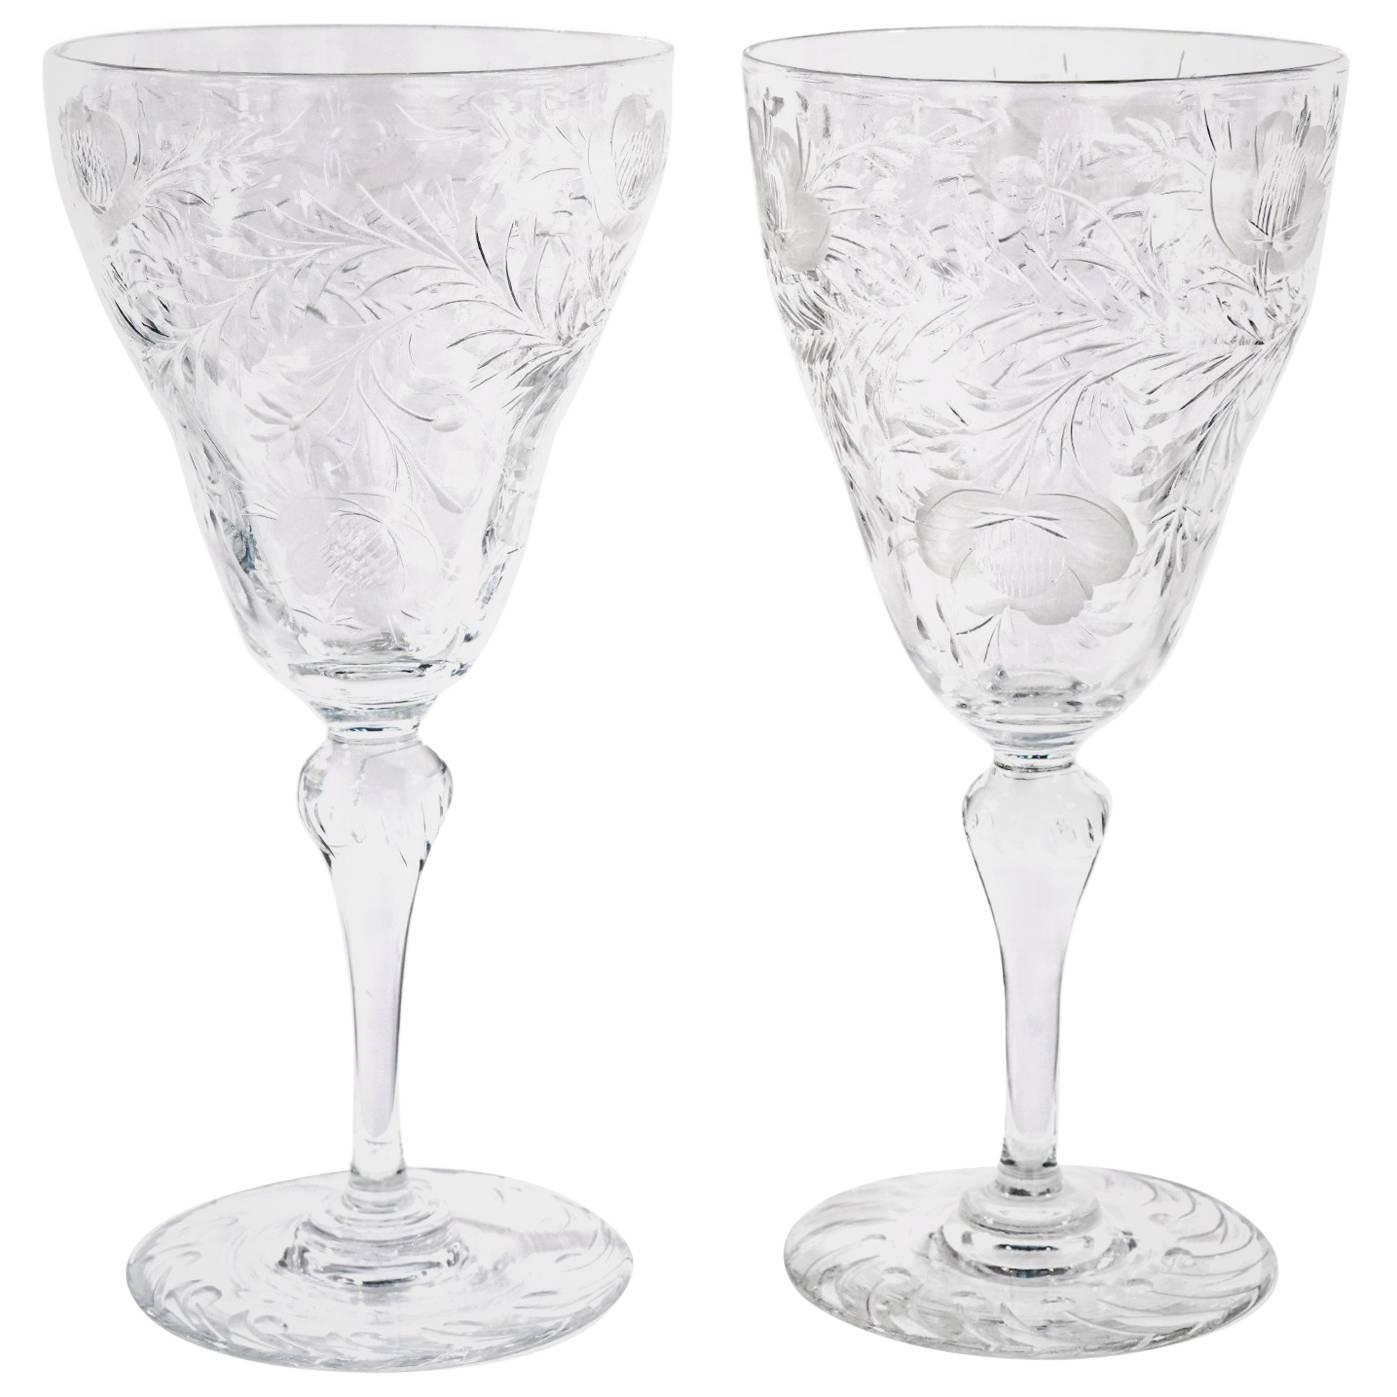 Wasserglas Kristallglas Friedrich Glas facettiert